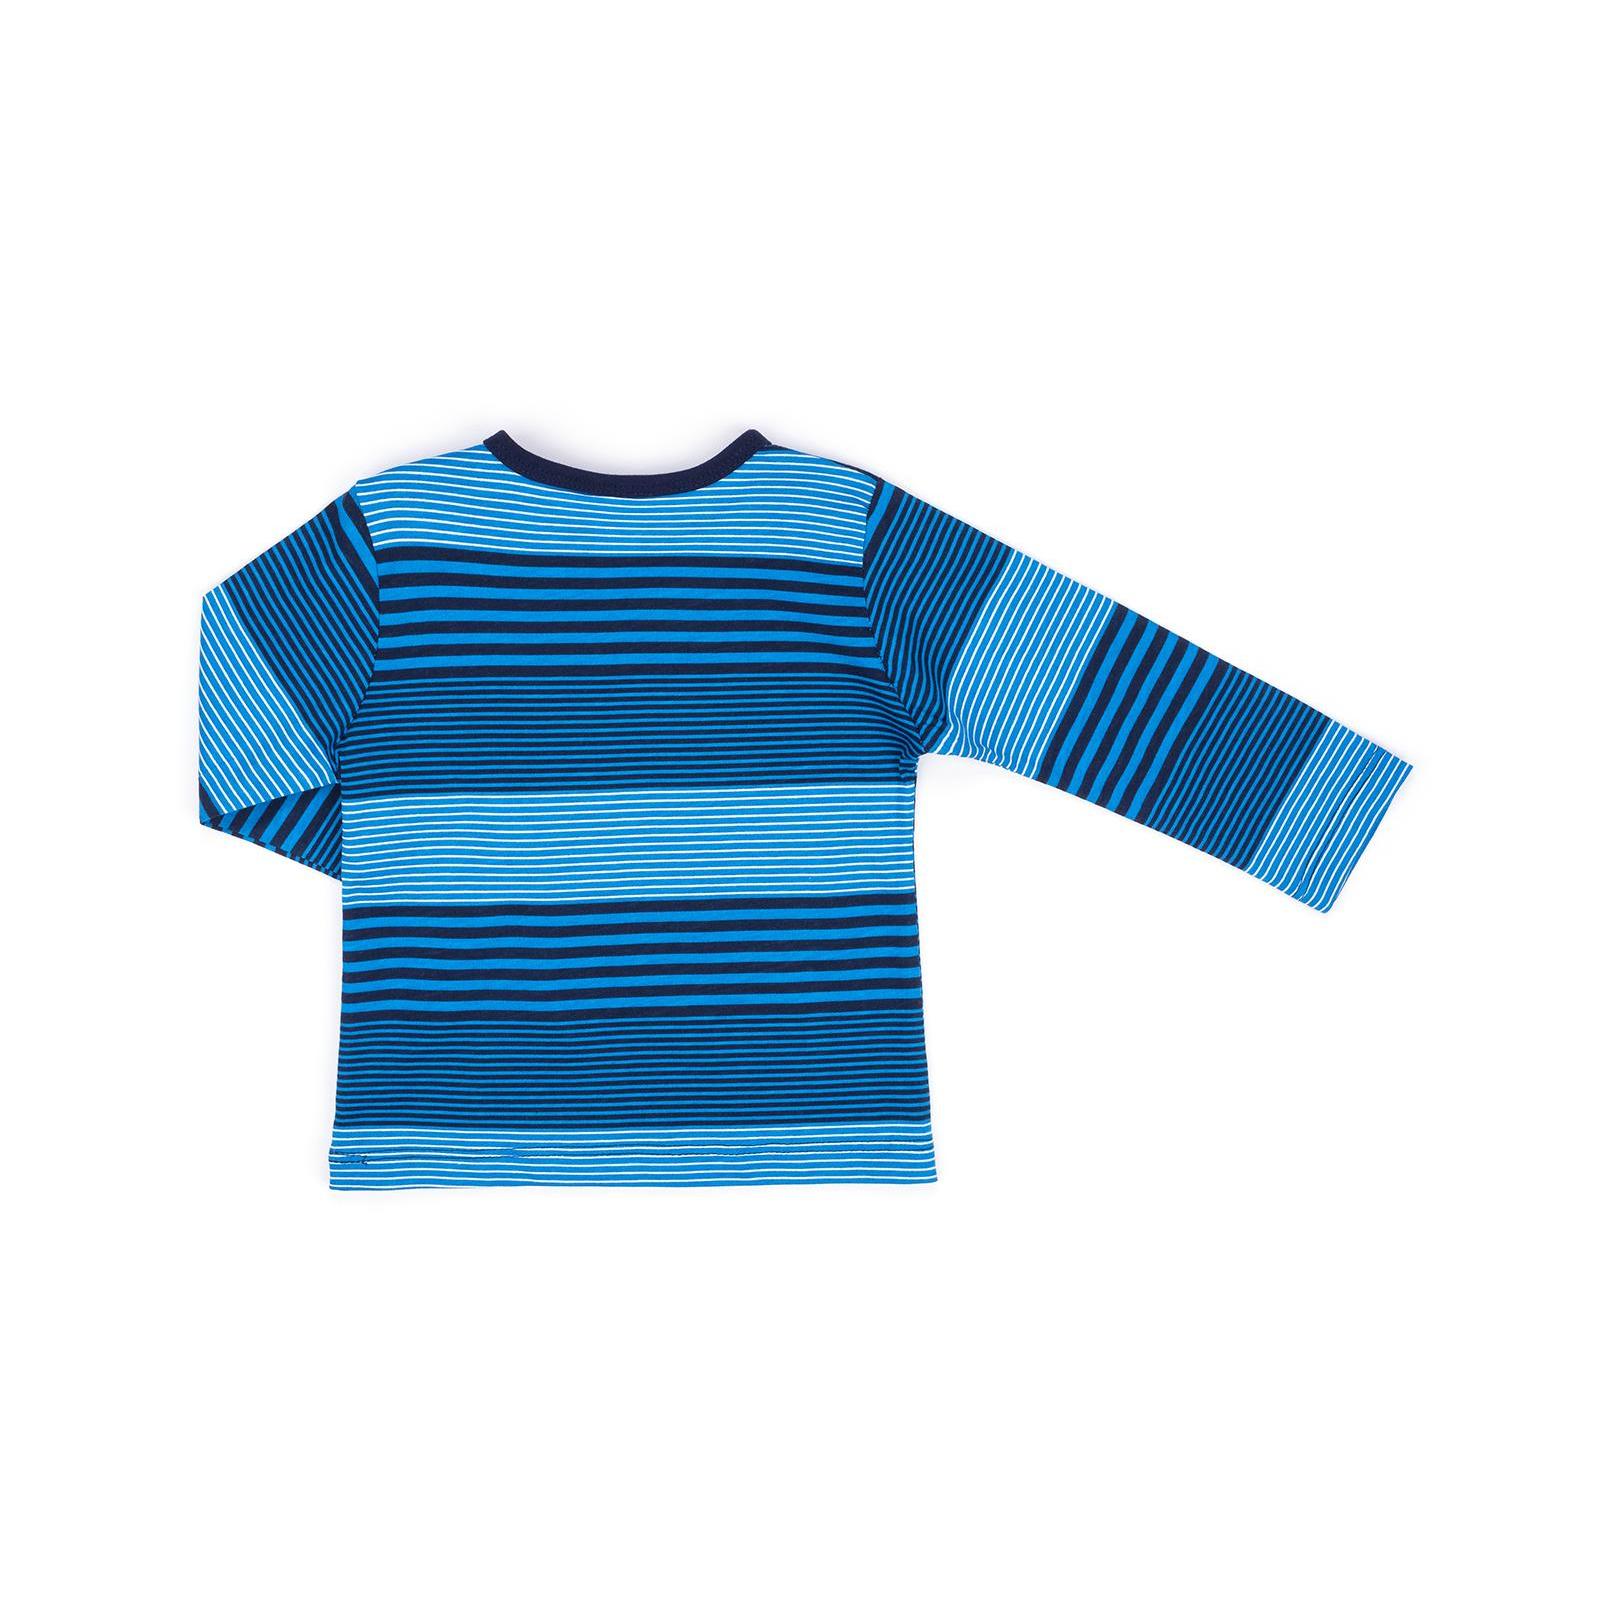 Кофта Breeze в полосочку (3332-92B-blue) изображение 2